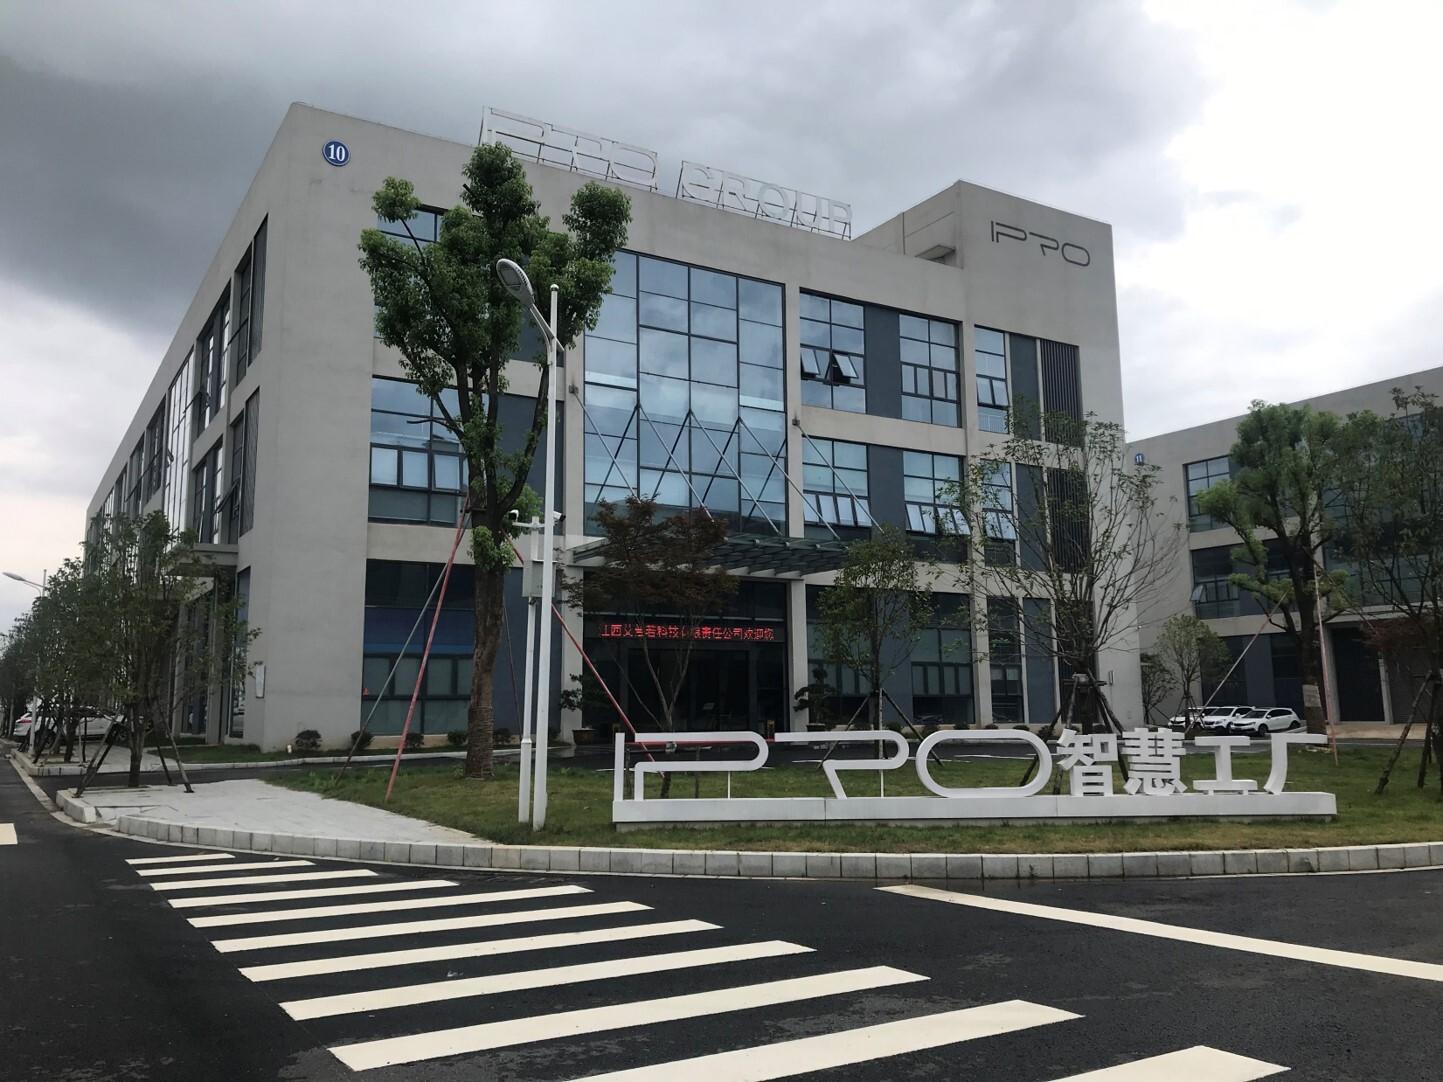 JIANGXI IPRO Technology Co. Ltd